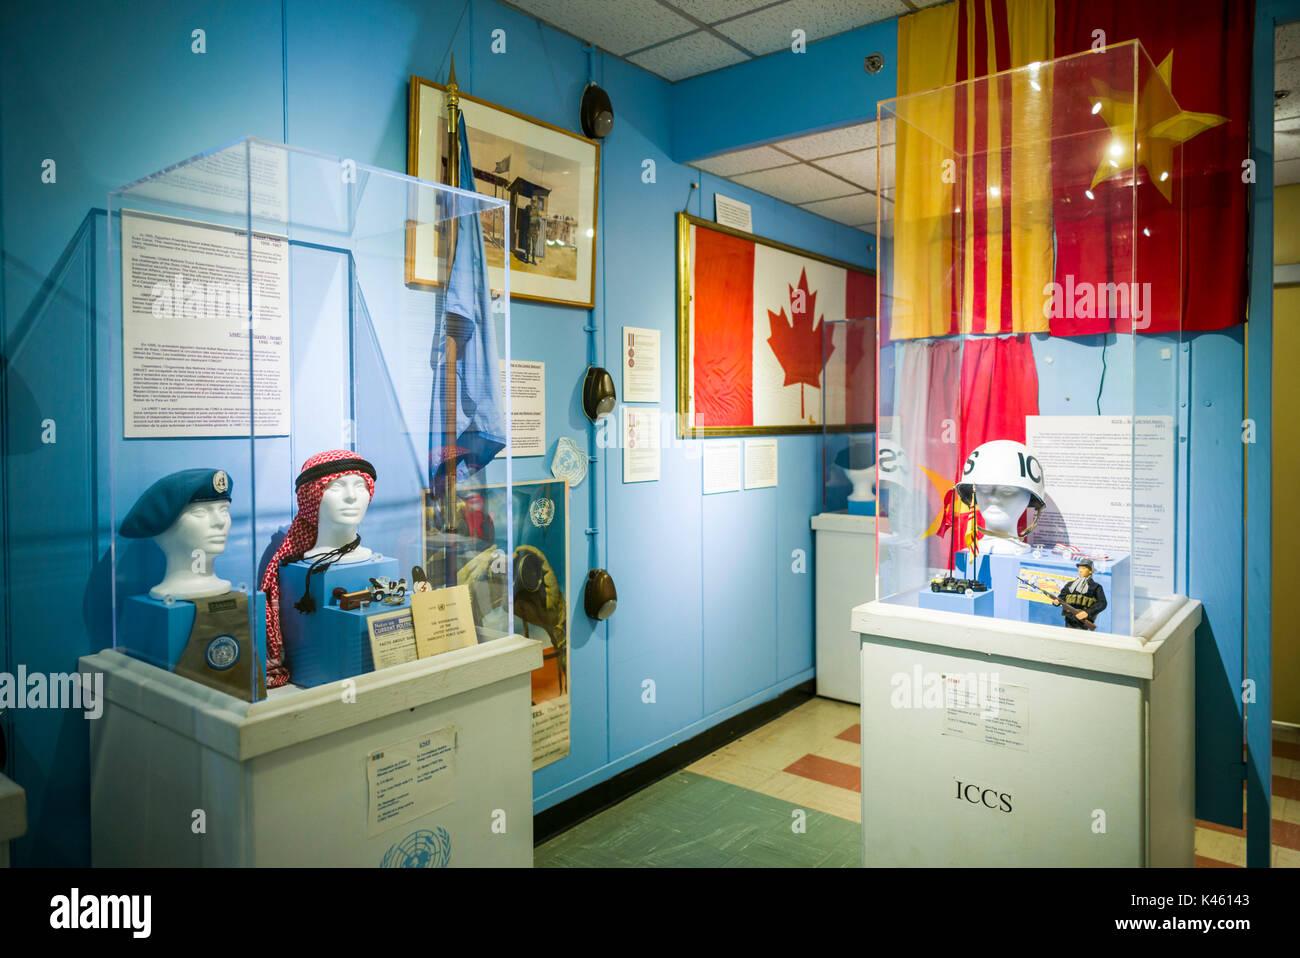 Canadá, Ontario, carpa, el diefenbunker, Museo canadiense de la guerra fría en el bunker subterráneo, exposición de las Naciones Unidas Imagen De Stock